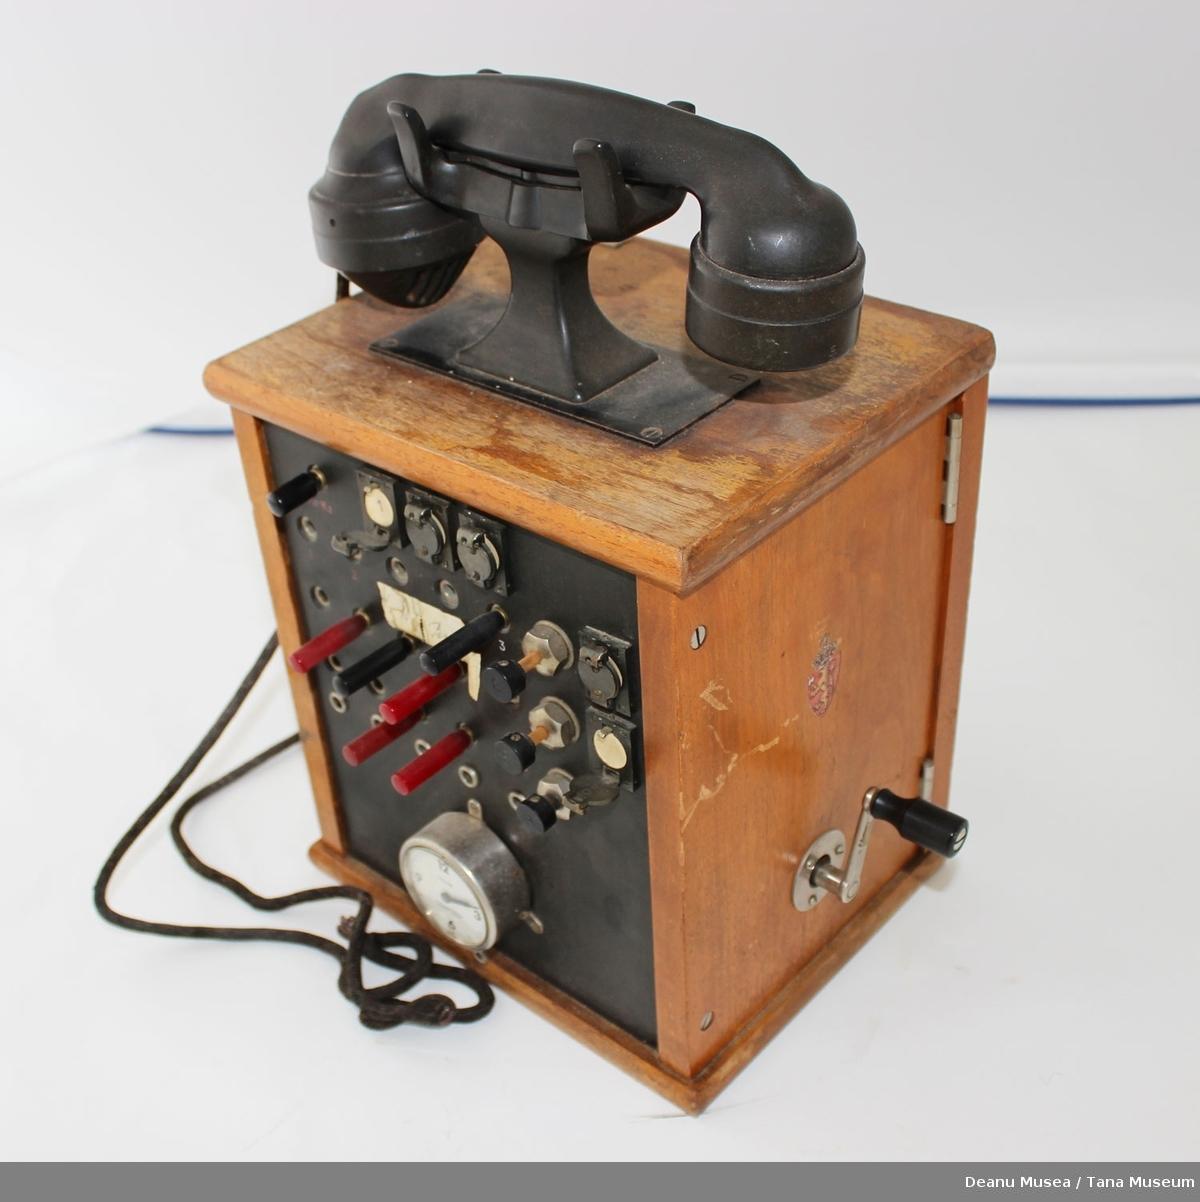 Liten manuell telefonsentral med sveiv. Huset er lagd av tre.